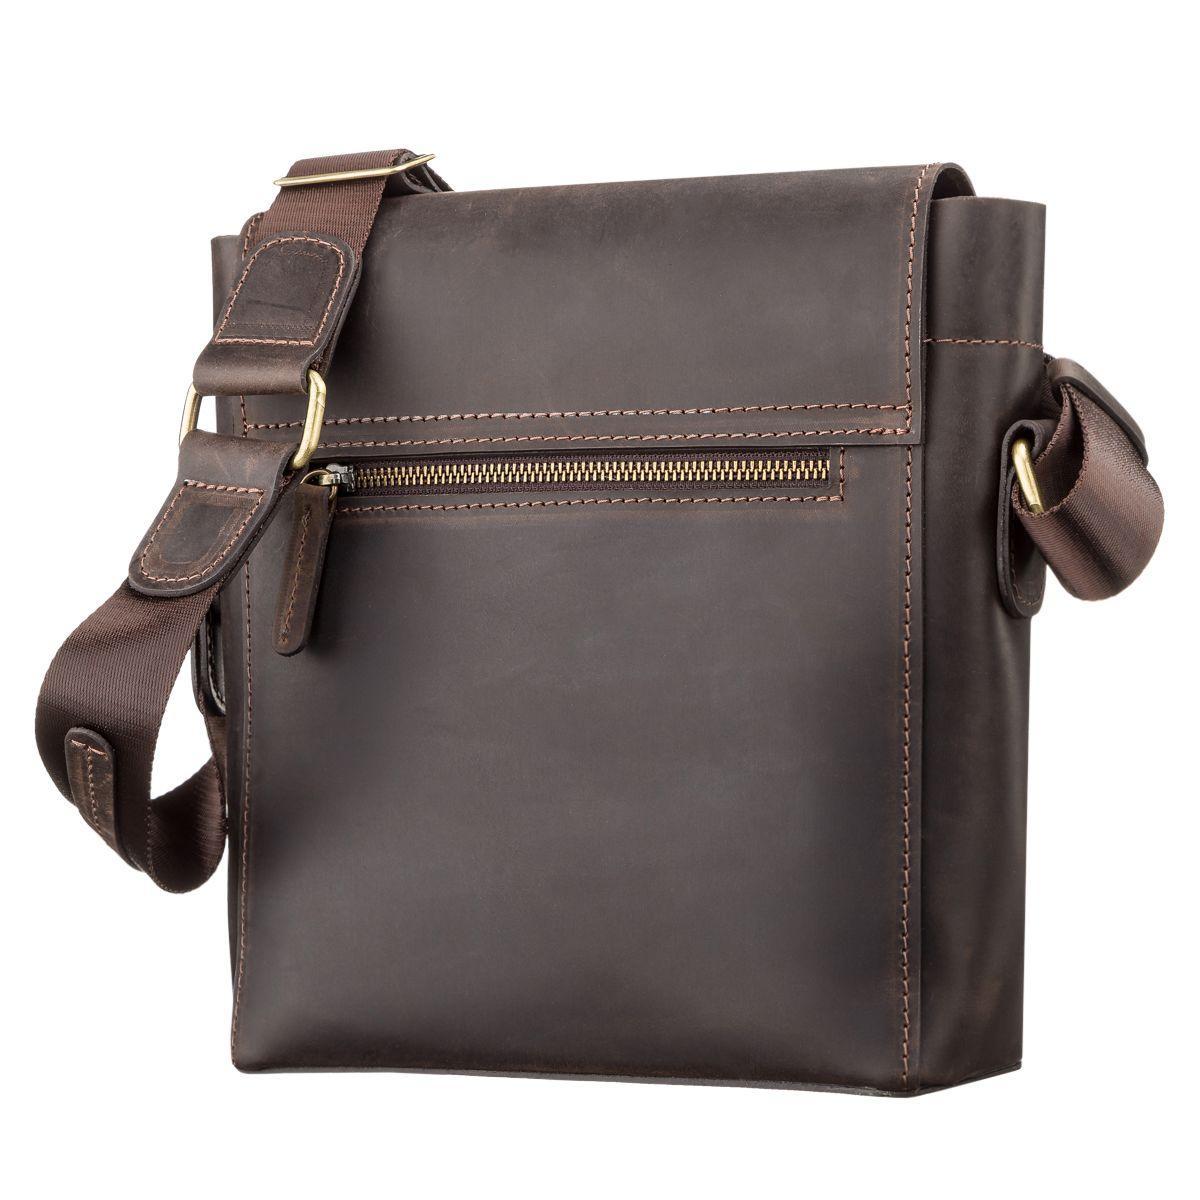 84aae3d89da09 Коричневая повседневная вместительная кожаная сумка на плечо SHVIGEL 11095,  ...